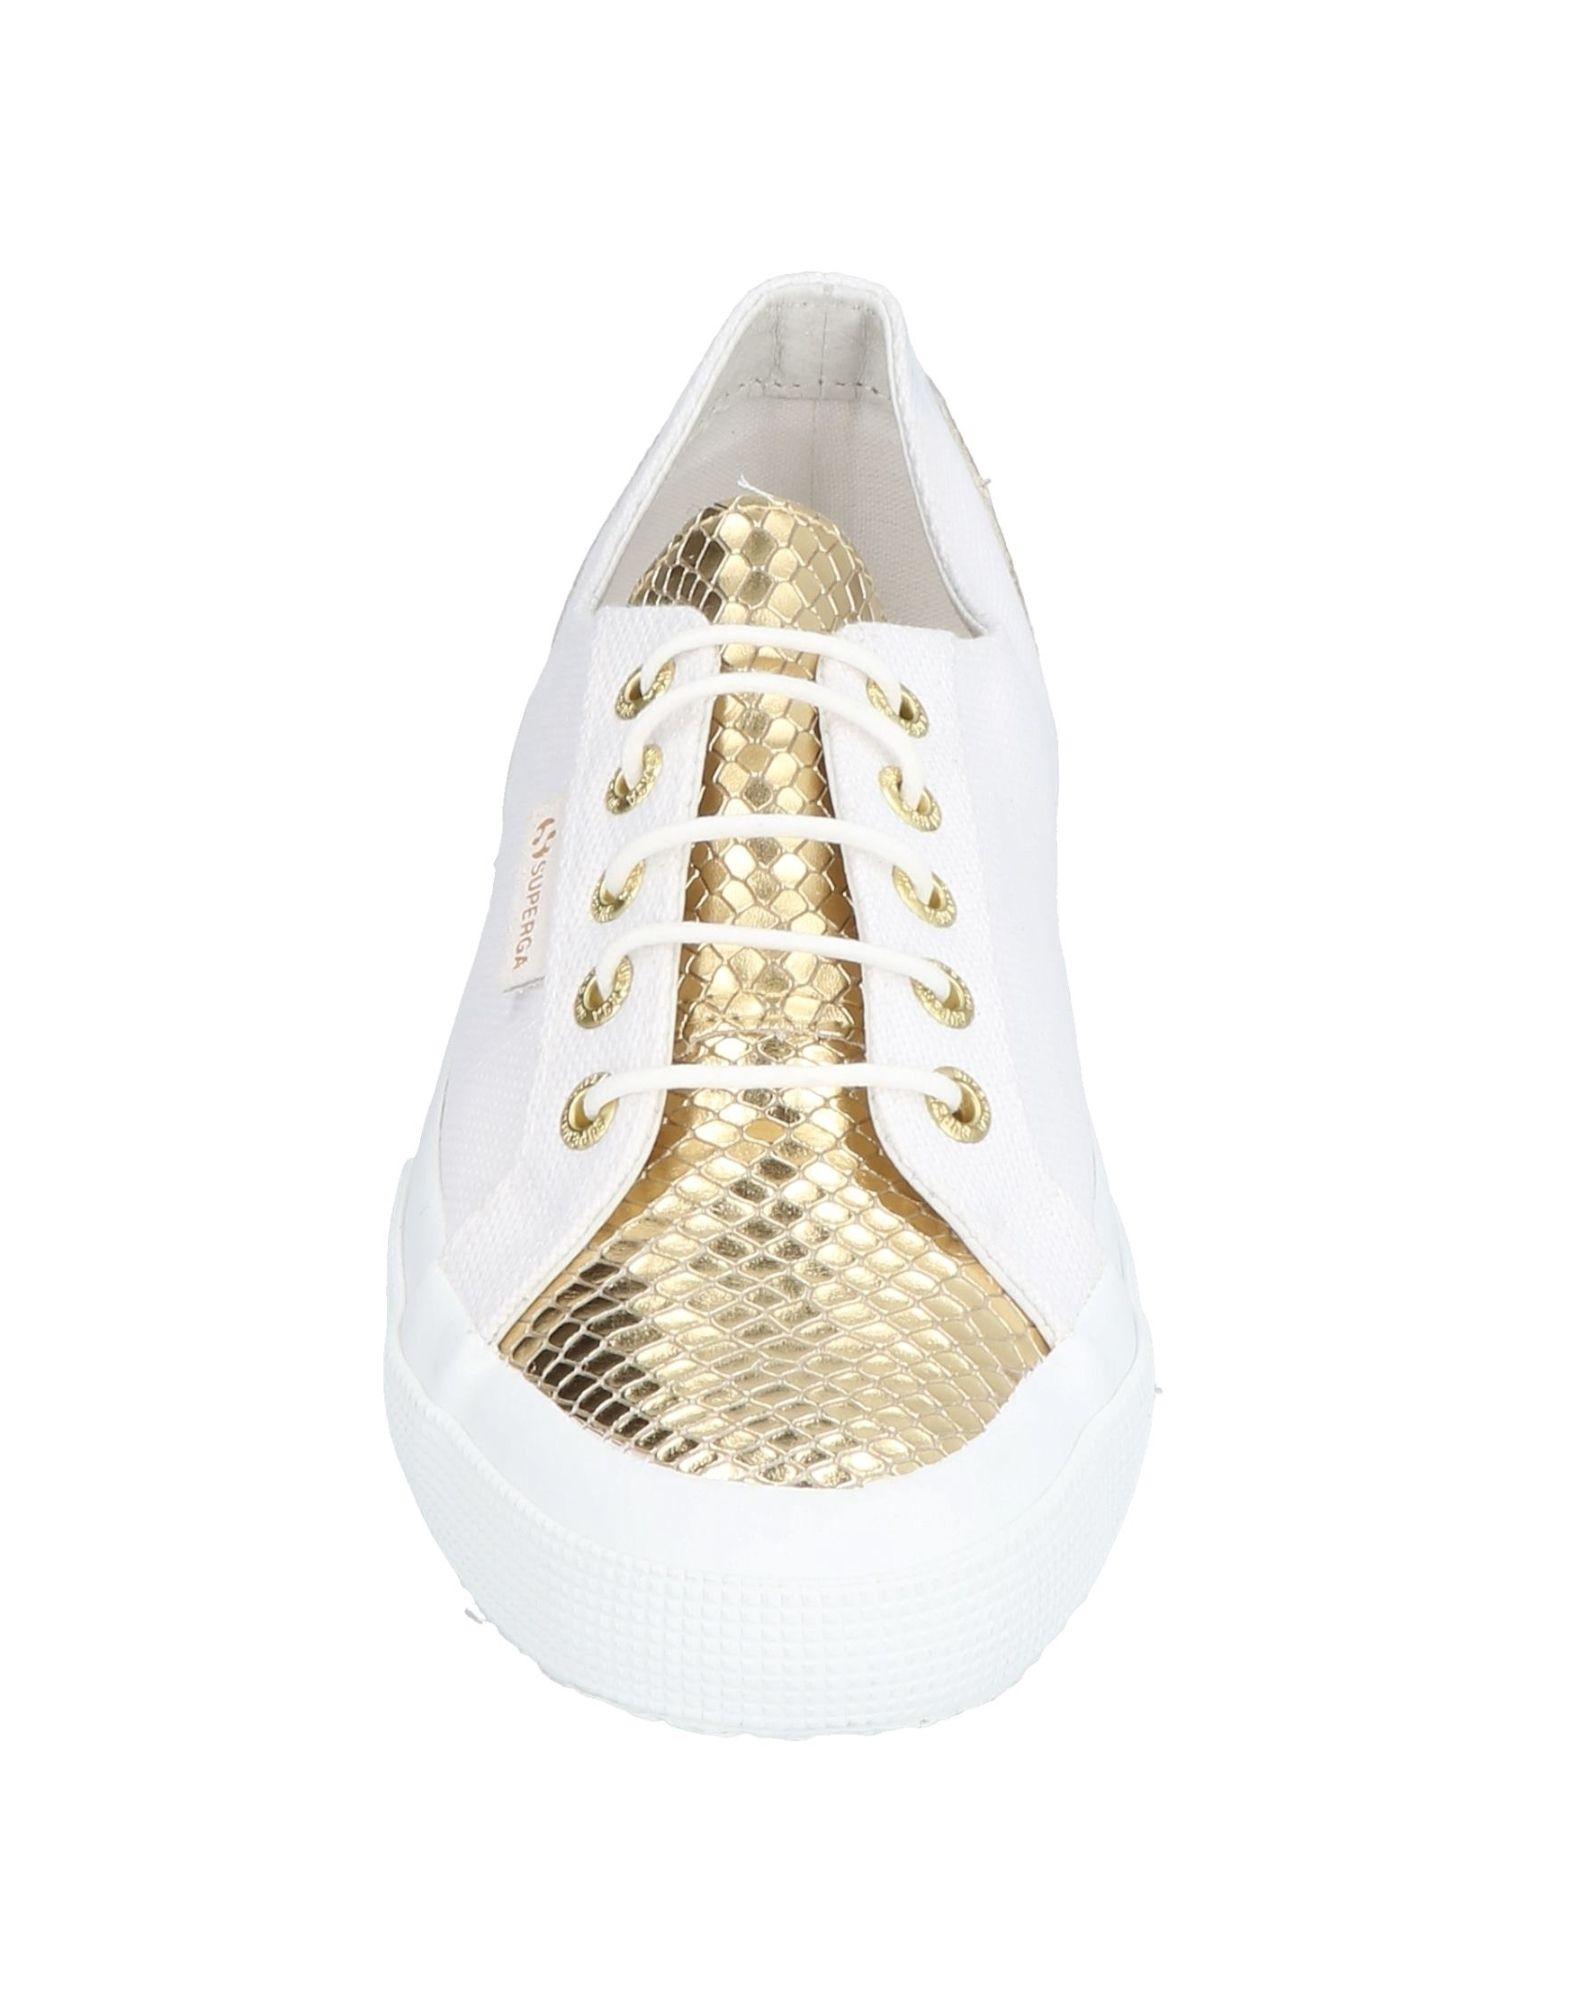 Superga® Sneakers Damen  beliebte 11486547IK Gute Qualität beliebte  Schuhe a83650